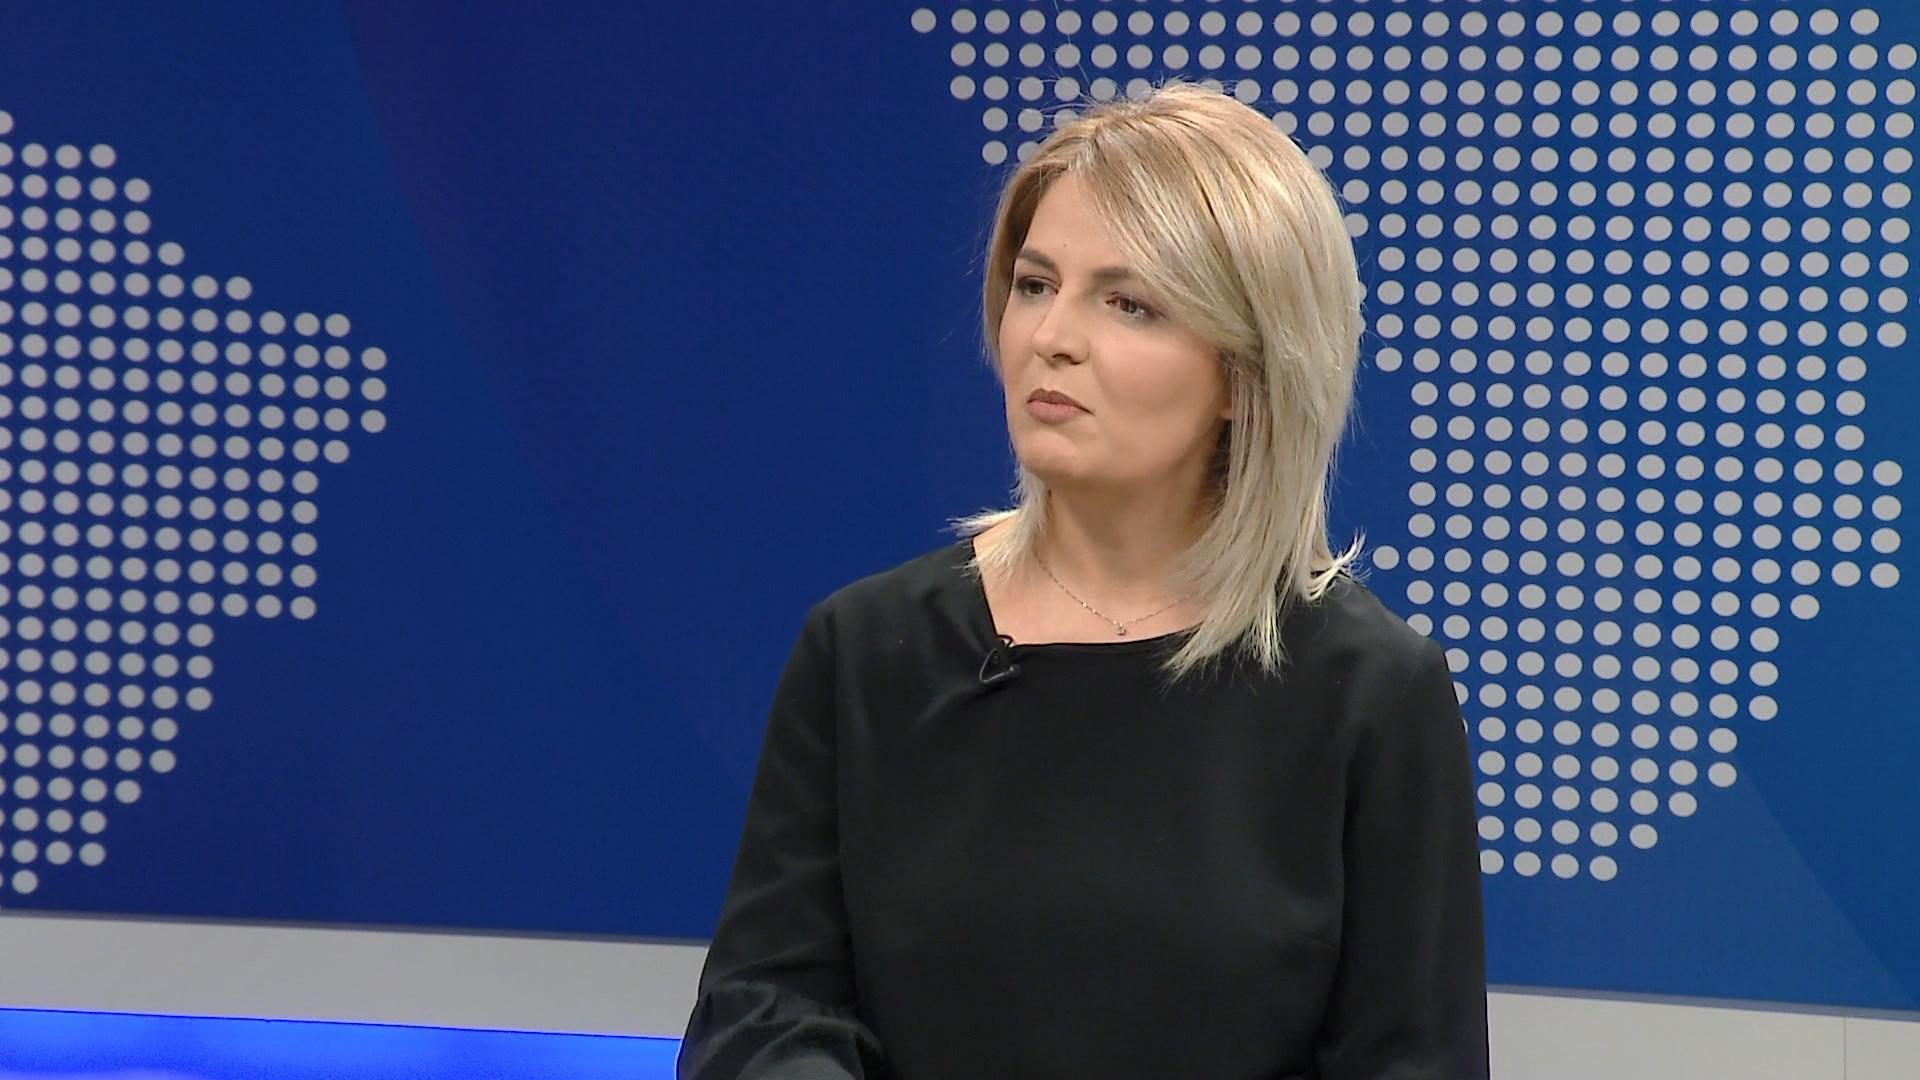 Vilma Bello në ABC News për 21 Janarin dhe Paktin për Universitetin